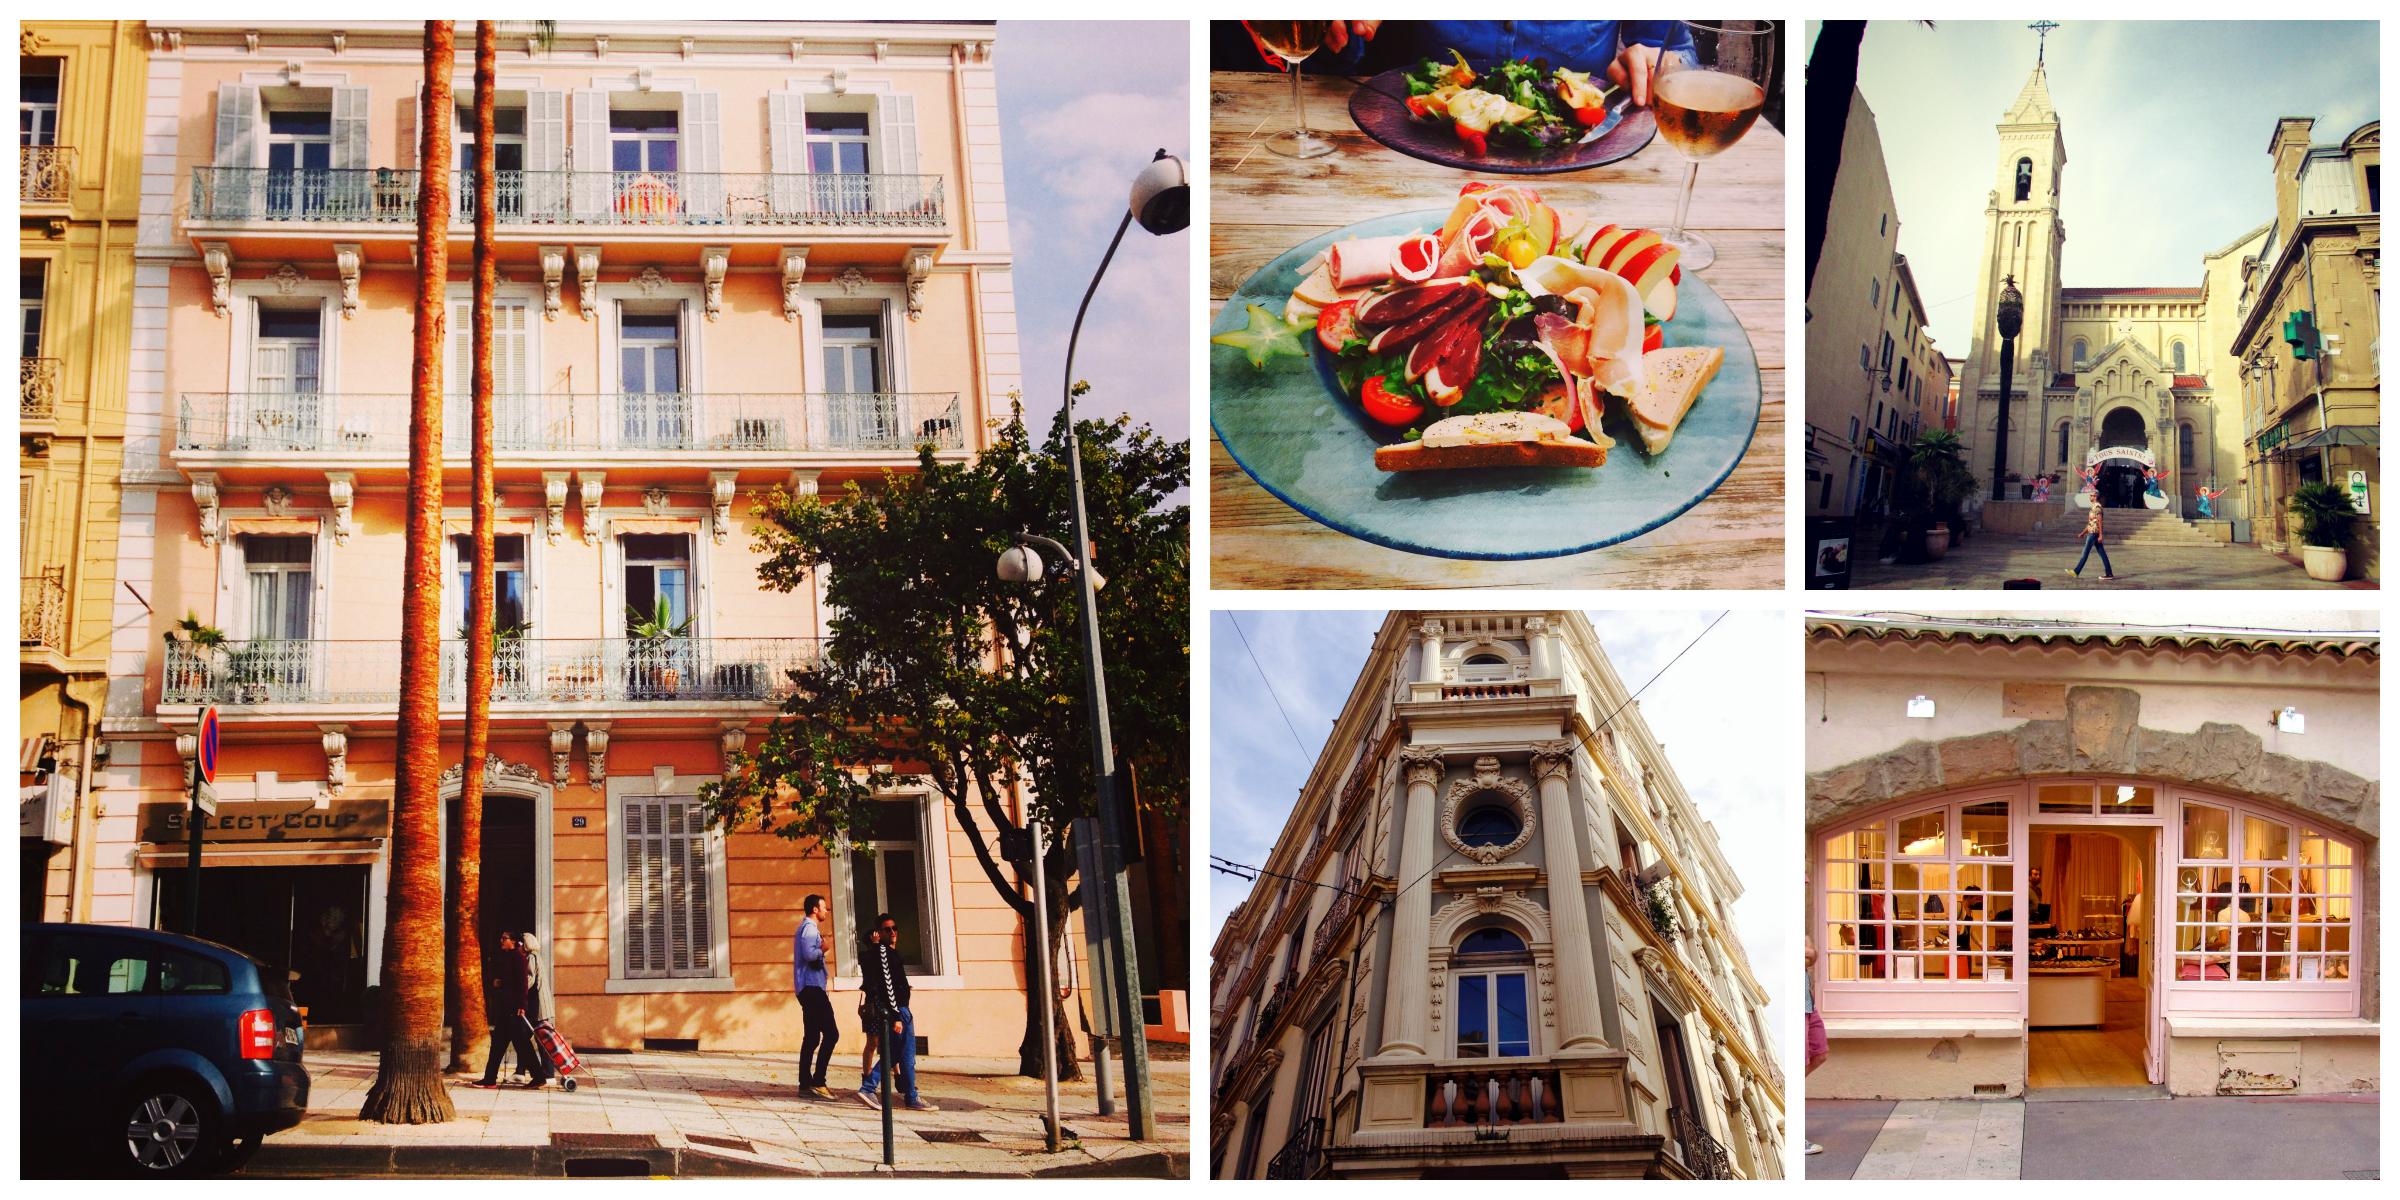 South of France buildings.jpg